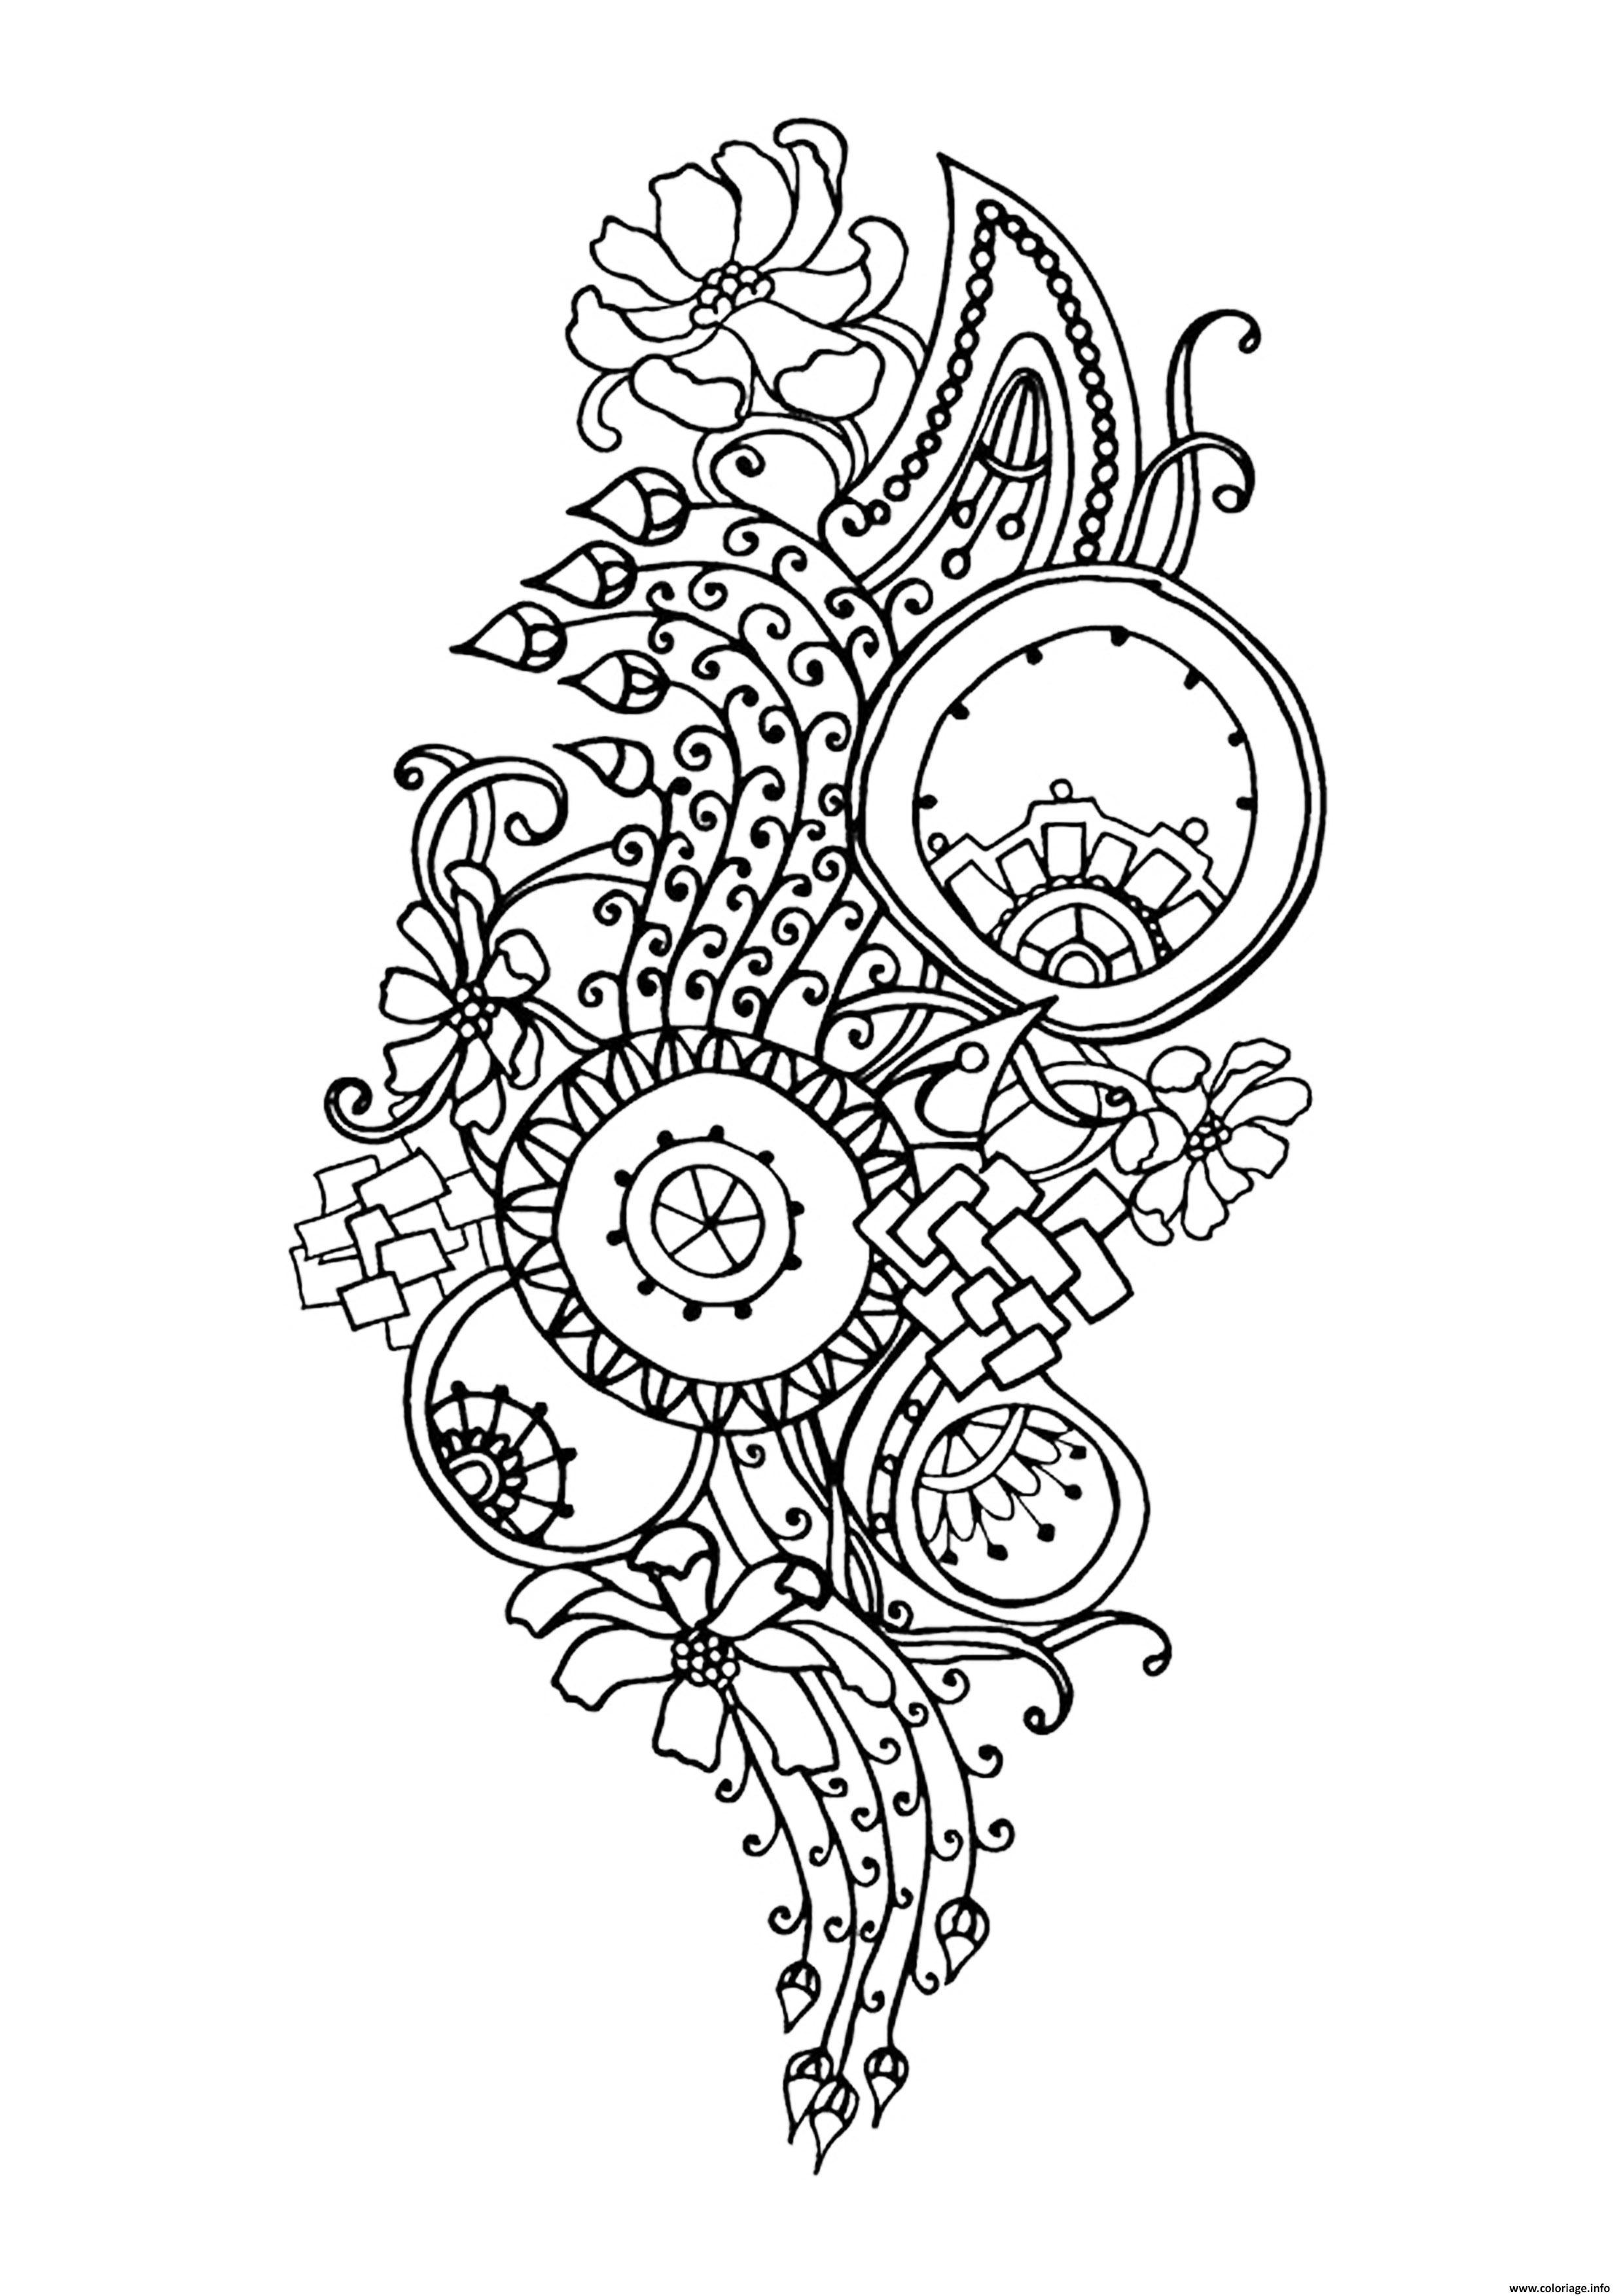 Dessin zen antistress motif abstrait inspiration florale 6 par juliasnegireva Coloriage Gratuit à Imprimer